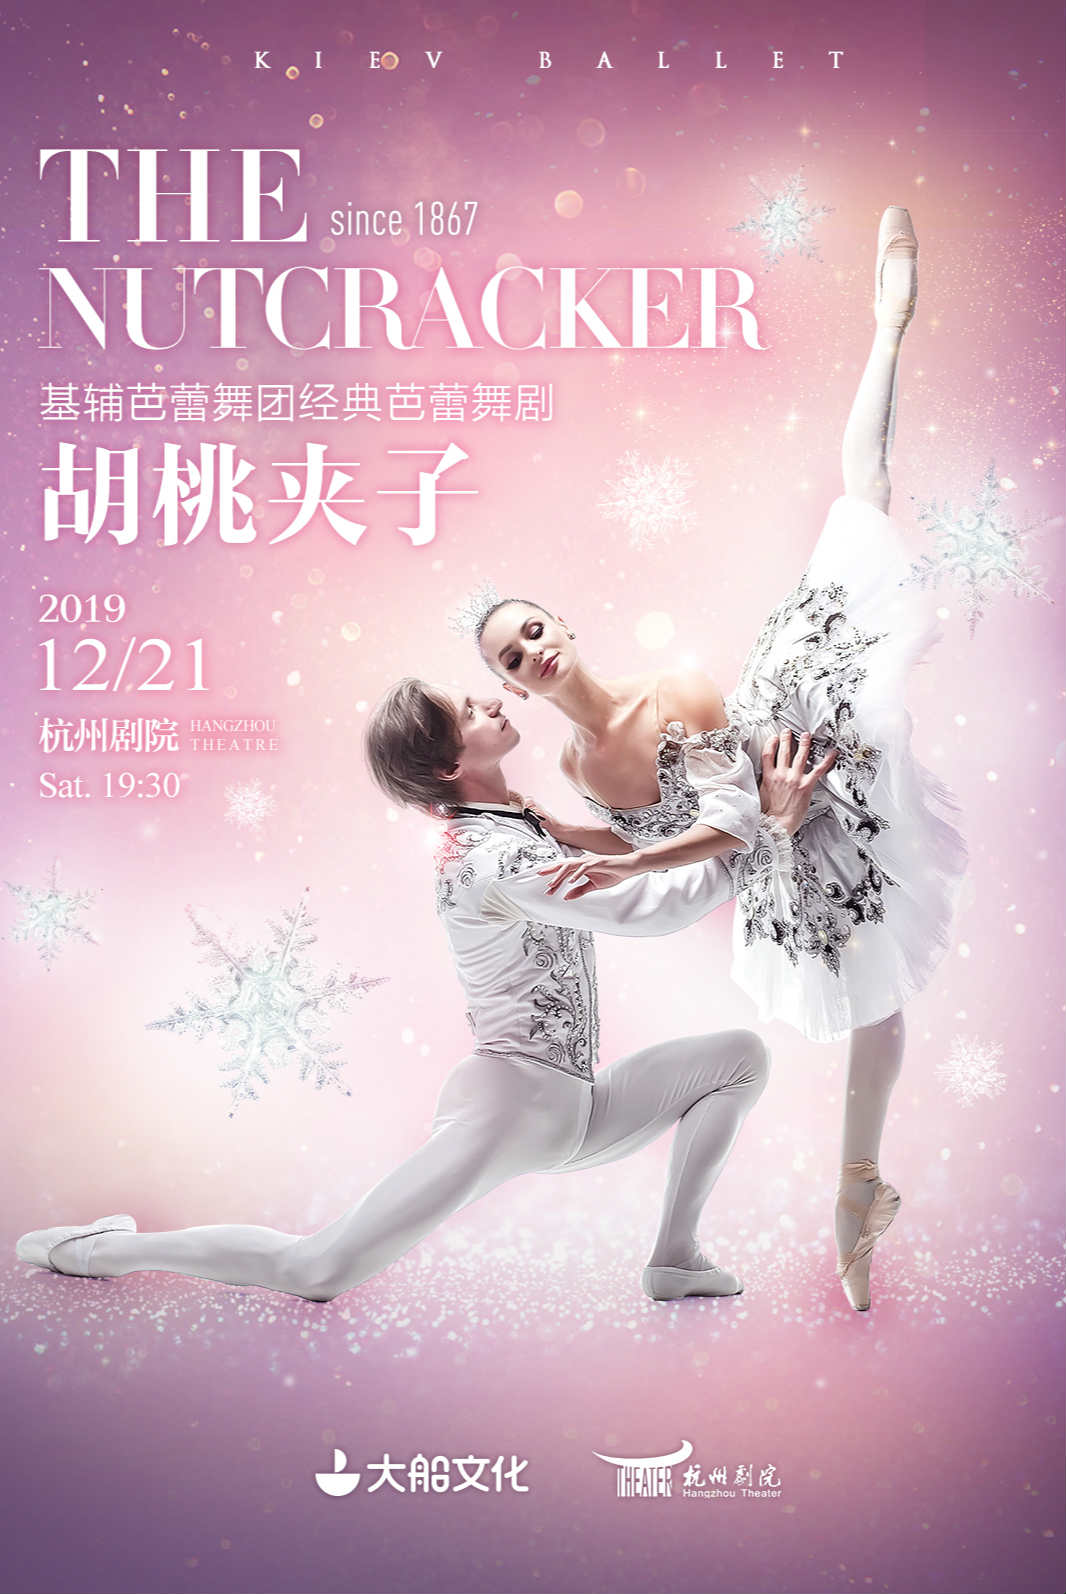 2019圣诞亲子嘉年华 乌克兰基辅芭蕾舞团《胡桃夹子》杭州站